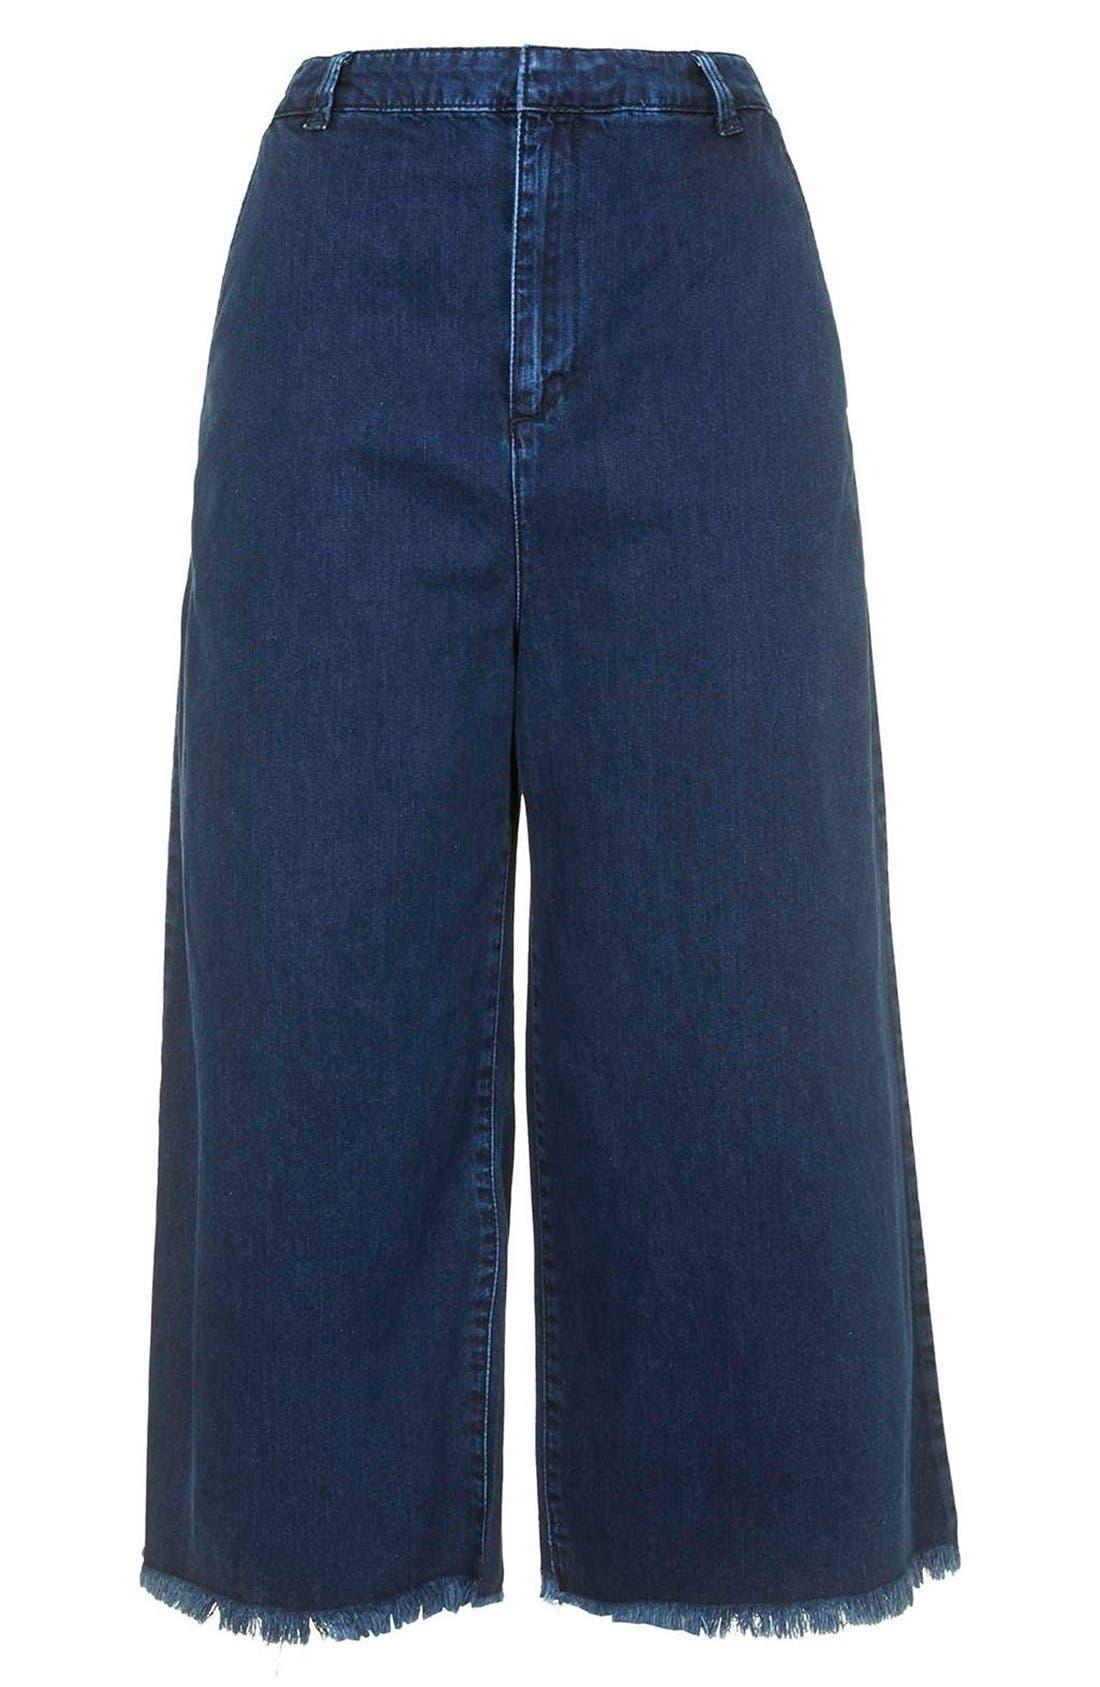 Alternate Image 3  - Topshop Moto Raw Hem Denim Culottes (Navy Blue) (Regular & Short)